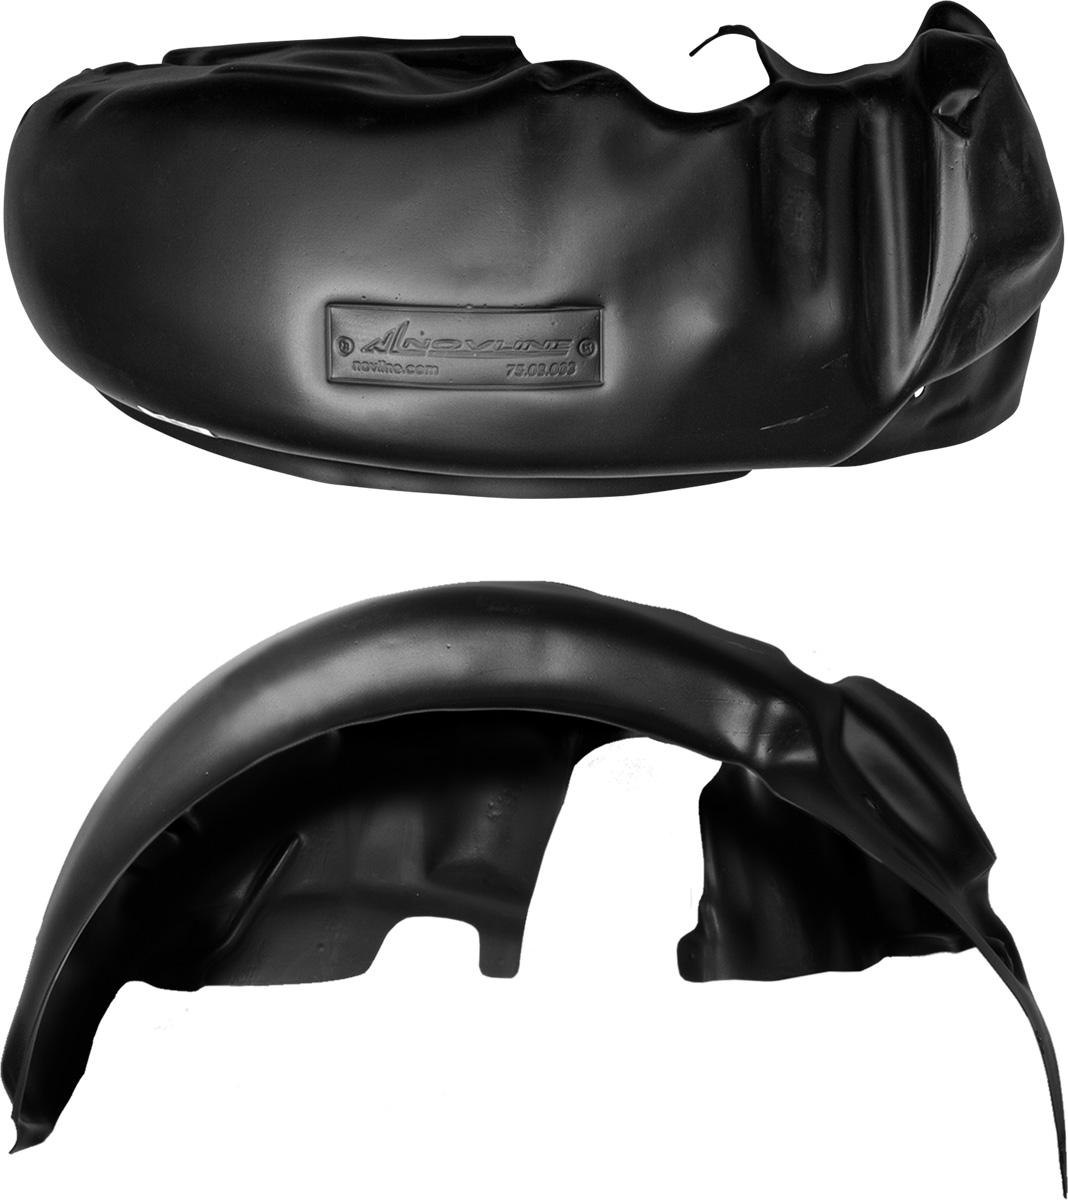 Подкрылок FIAT Ducato, 2012->, передний левыйNLL.15.11.001Колесные ниши – одни из самых уязвимых зон днища вашего автомобиля. Они постоянно подвергаются воздействию со стороны дороги. Лучшая, почти абсолютная защита для них - специально отформованные пластиковые кожухи, которые называются подкрылками, или локерами. Производятся они как для отечественных моделей автомобилей, так и для иномарок. Подкрылки выполнены из высококачественного, экологически чистого пластика. Обеспечивают надежную защиту кузова автомобиля от пескоструйного эффекта и негативного влияния, агрессивных антигололедных реагентов. Пластик обладает более низкой теплопроводностью, чем металл, поэтому в зимний период эксплуатации использование пластиковых подкрылков позволяет лучше защитить колесные ниши от налипания снега и образования наледи. Оригинальность конструкции подчеркивает элегантность автомобиля, бережно защищает нанесенное на днище кузова антикоррозийное покрытие и позволяет осуществить крепление подкрылков внутри колесной арки практически без дополнительного...